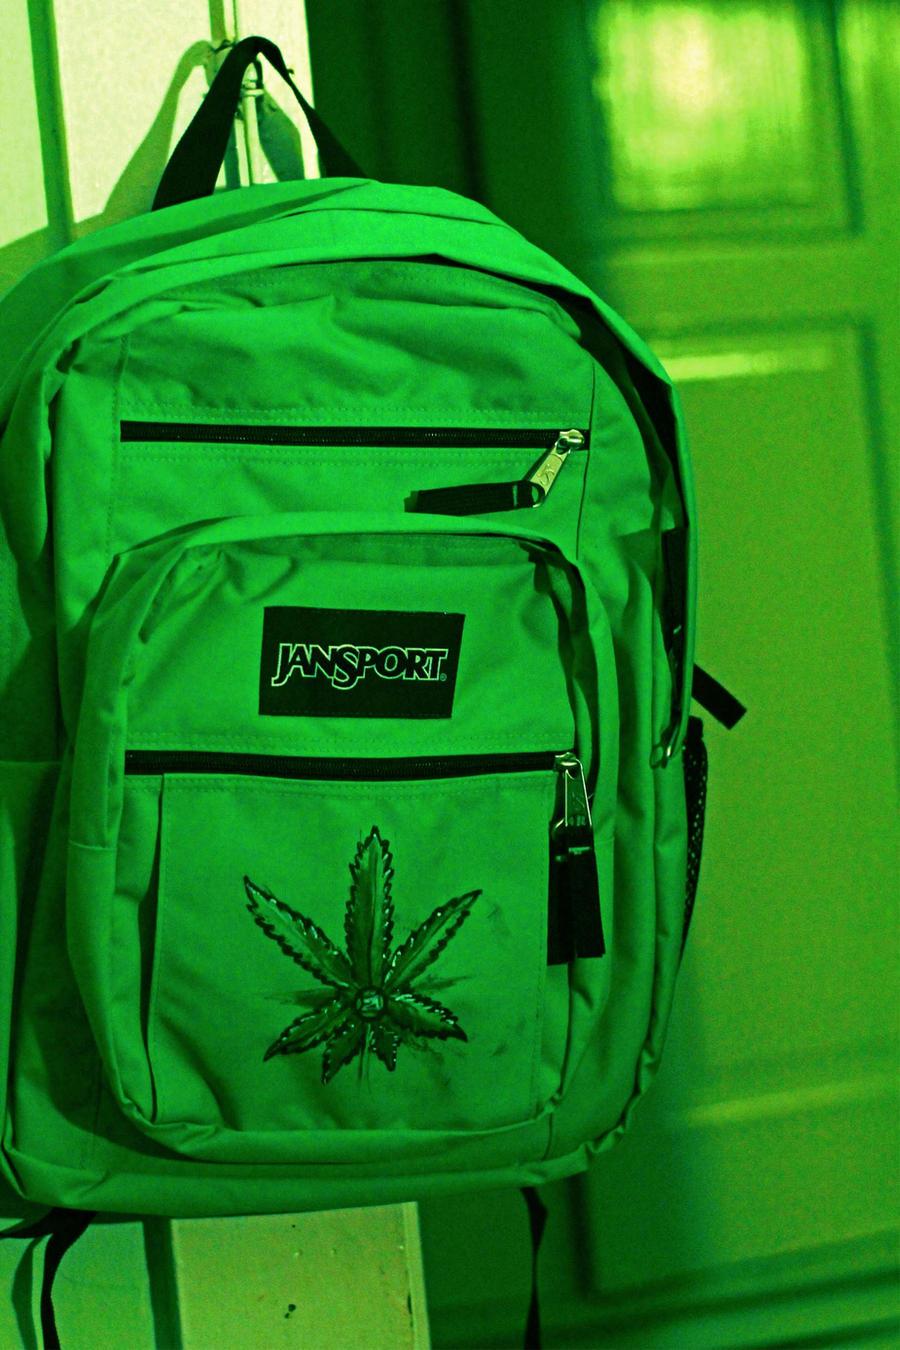 Personalized Jansport Backpacks - Crazy Backpacks